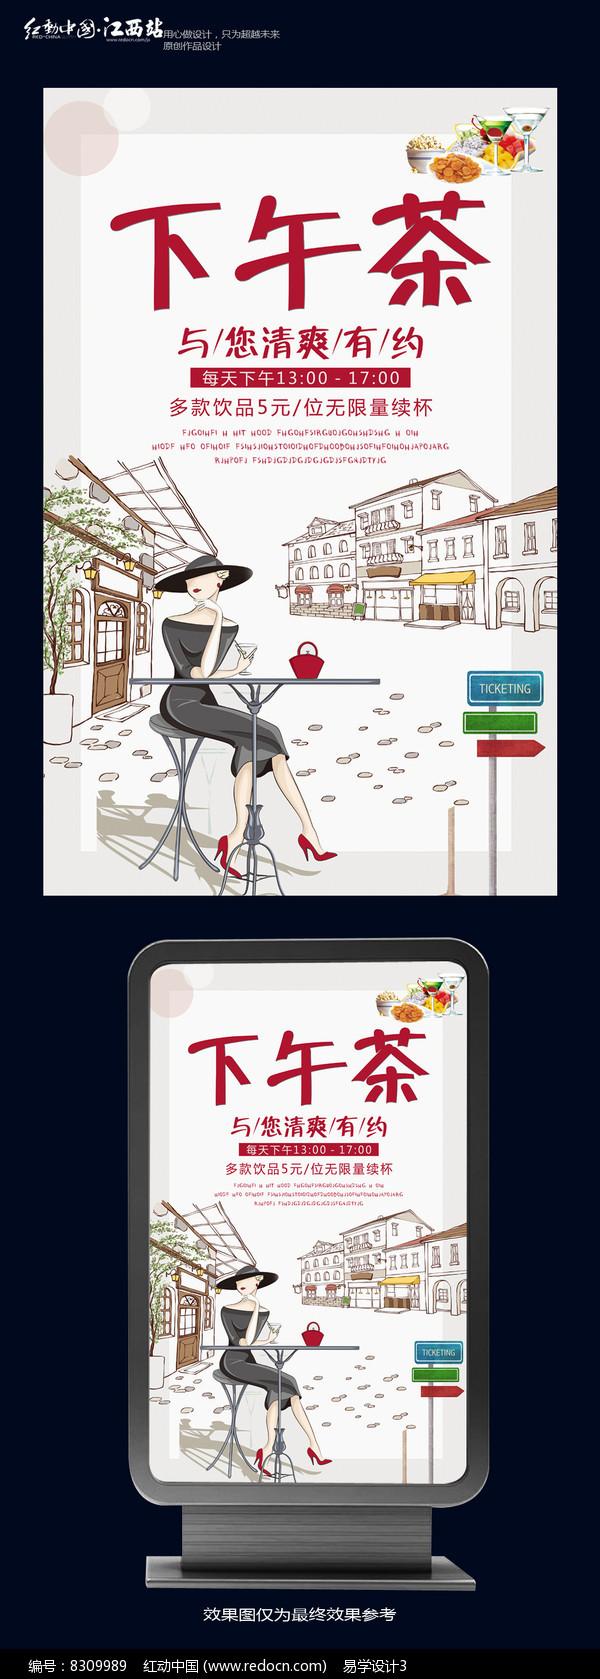 时尚下午茶海报设计